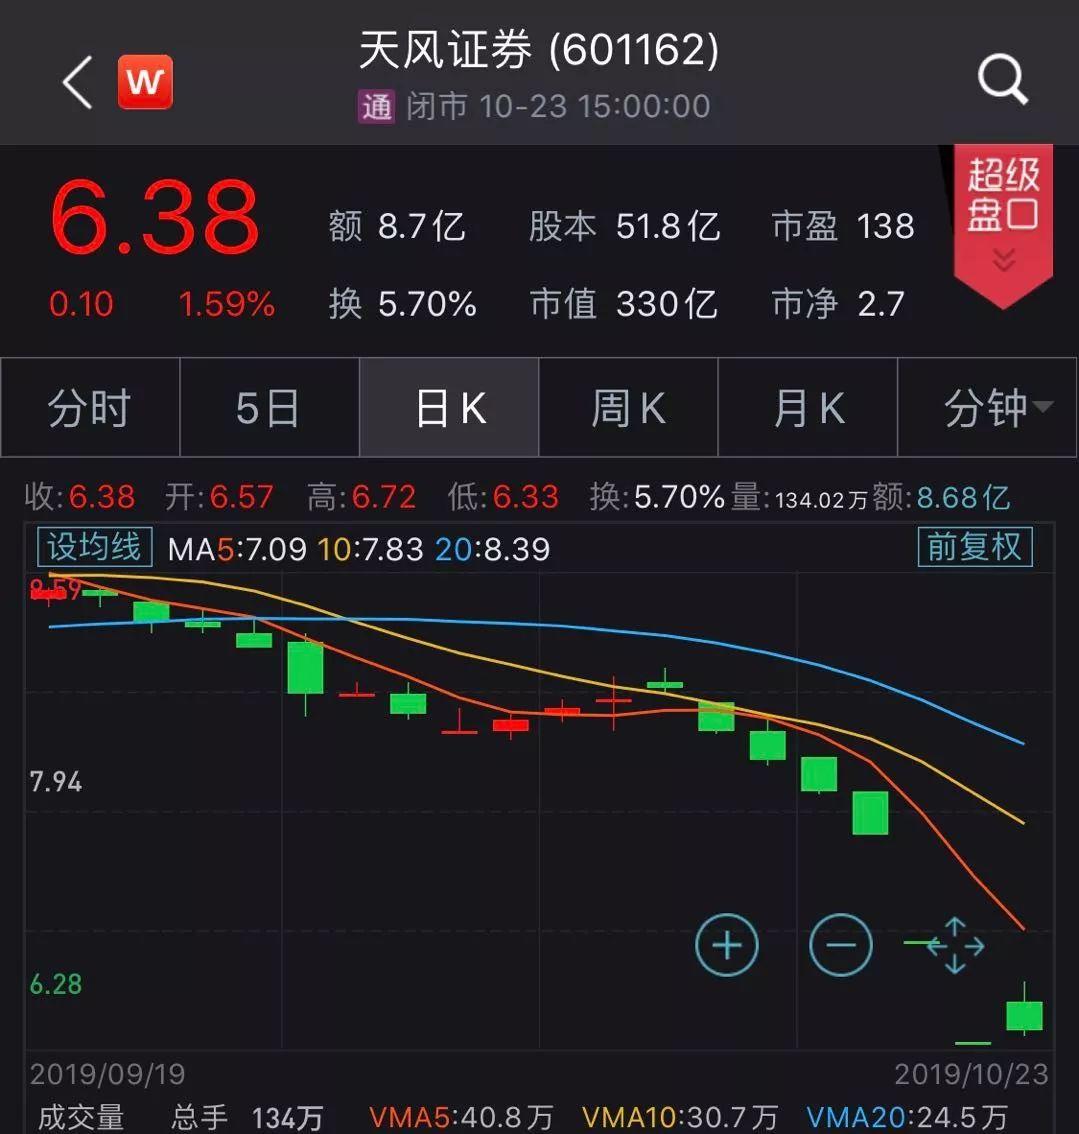 大盛娱乐待遇,2019中国社科院社会保障论坛将于12月30日在京举行